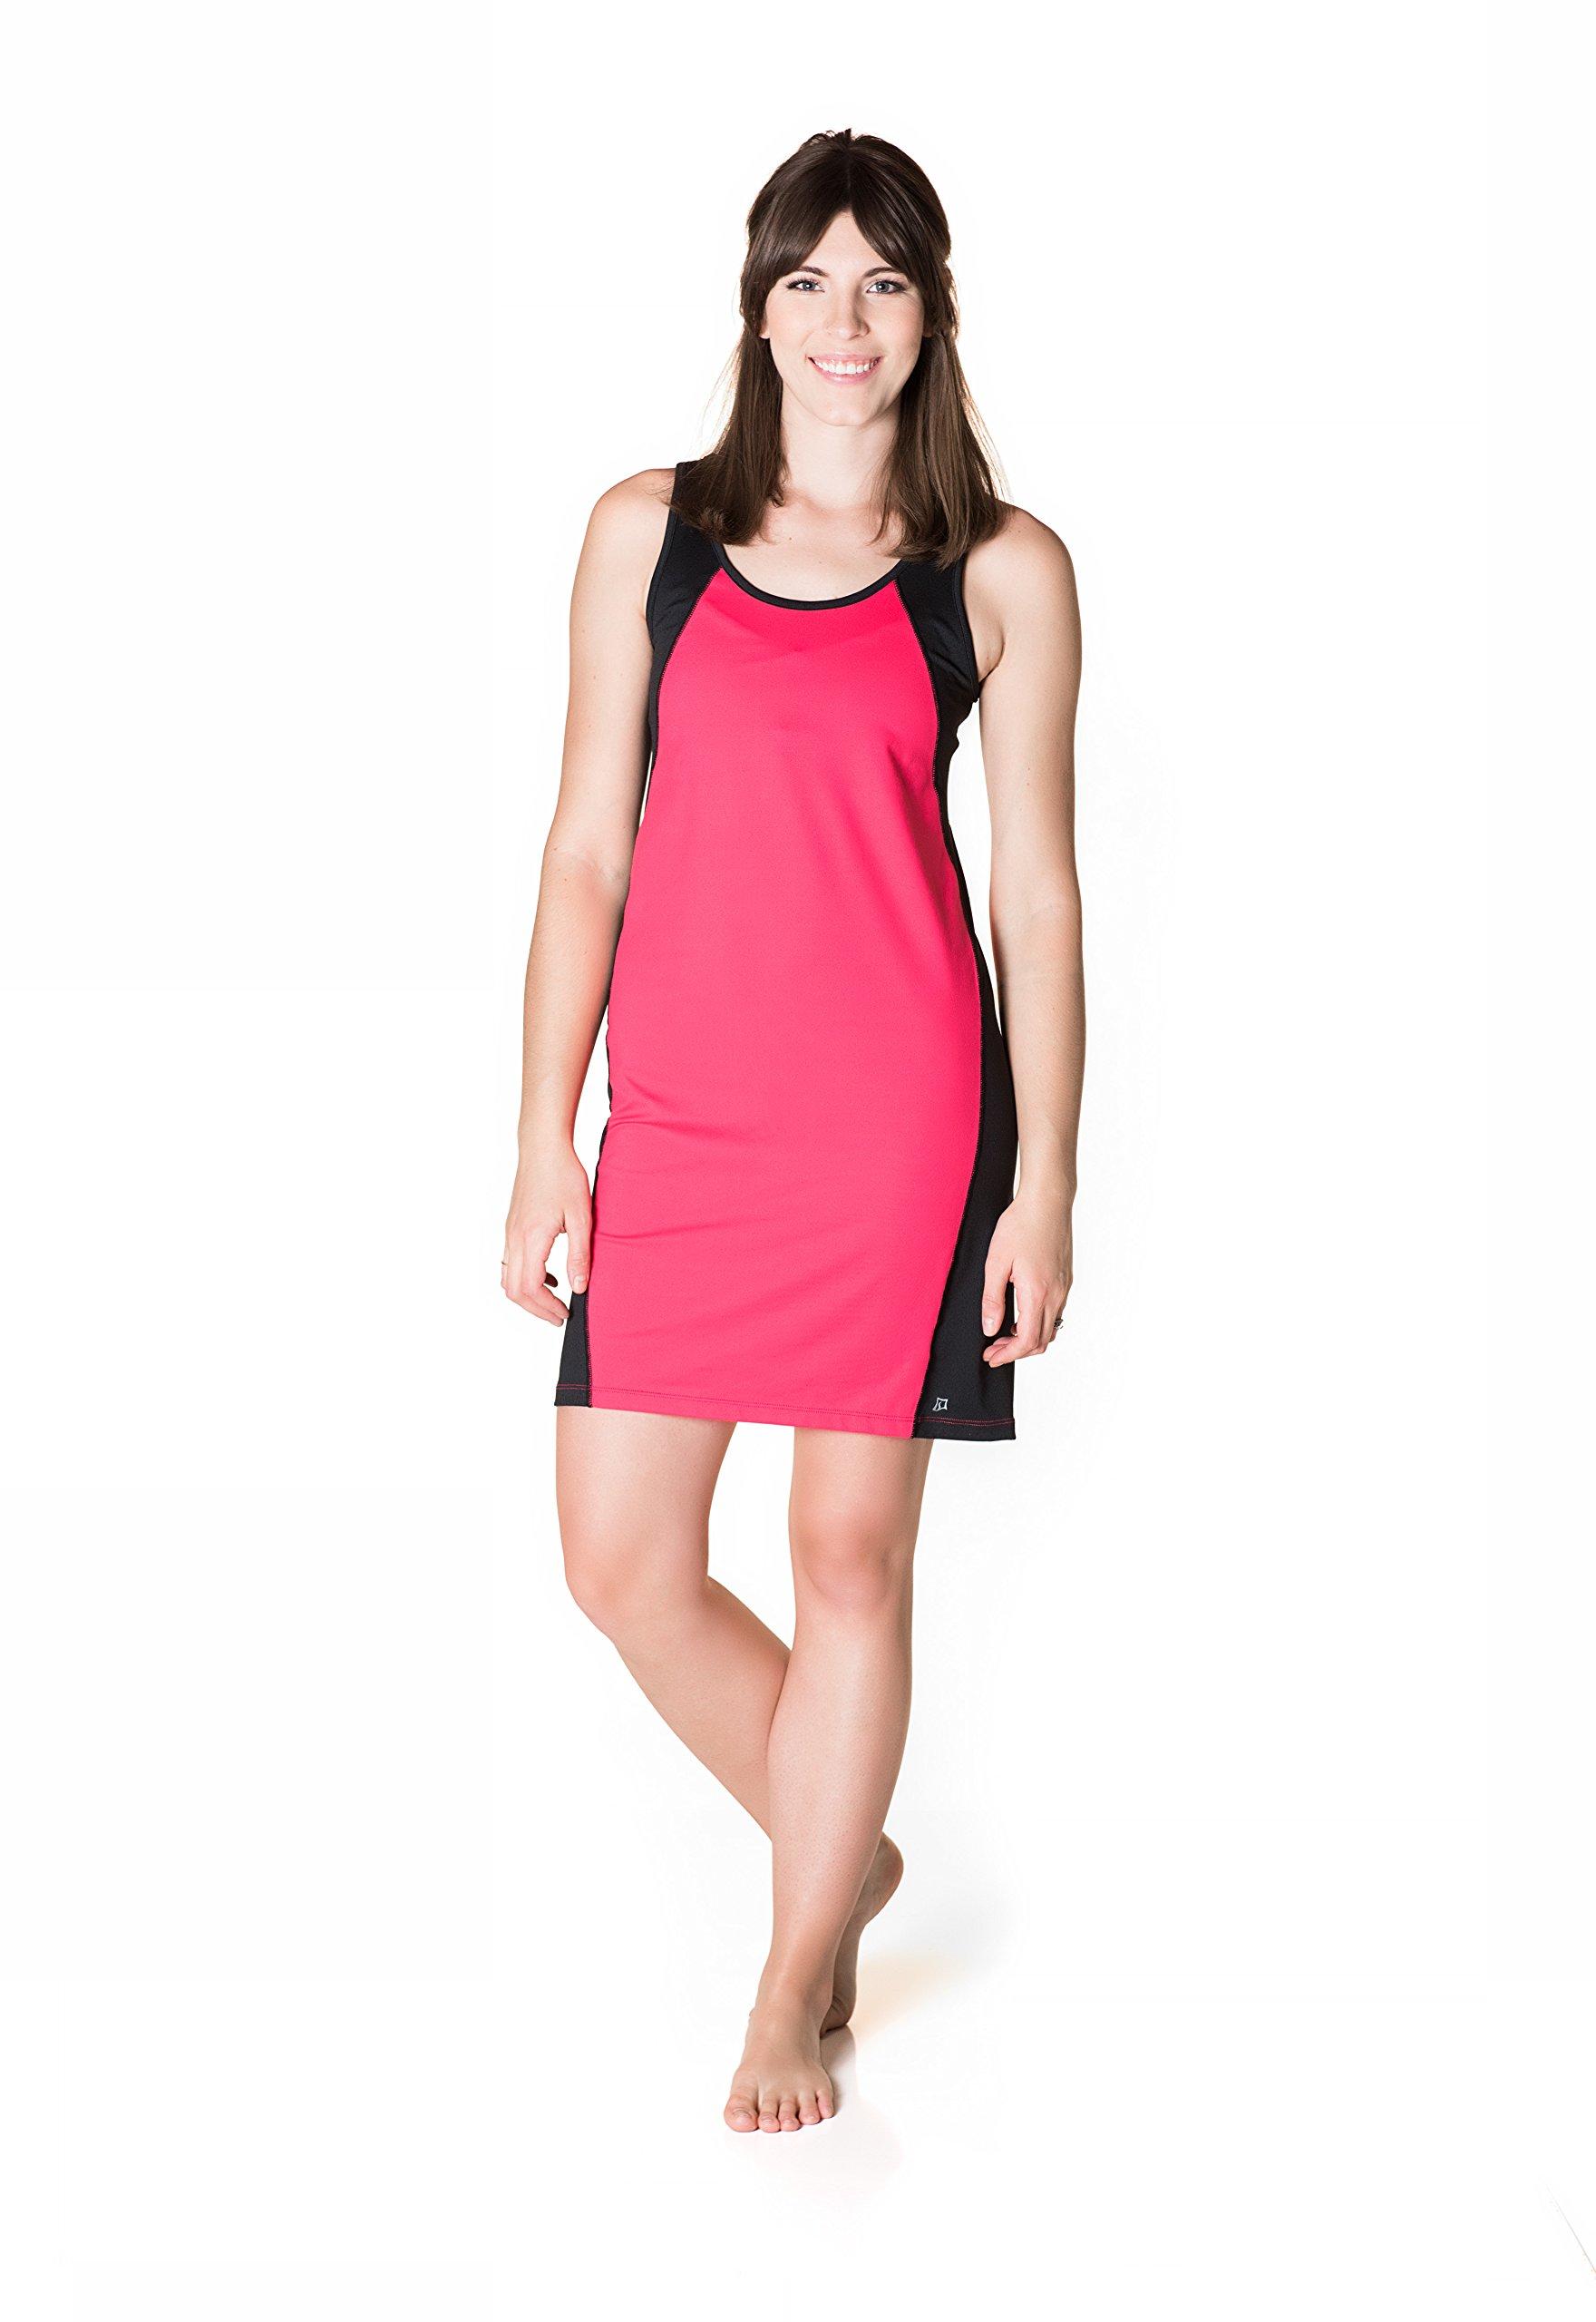 Skirt Sports Women's Take Five Dress